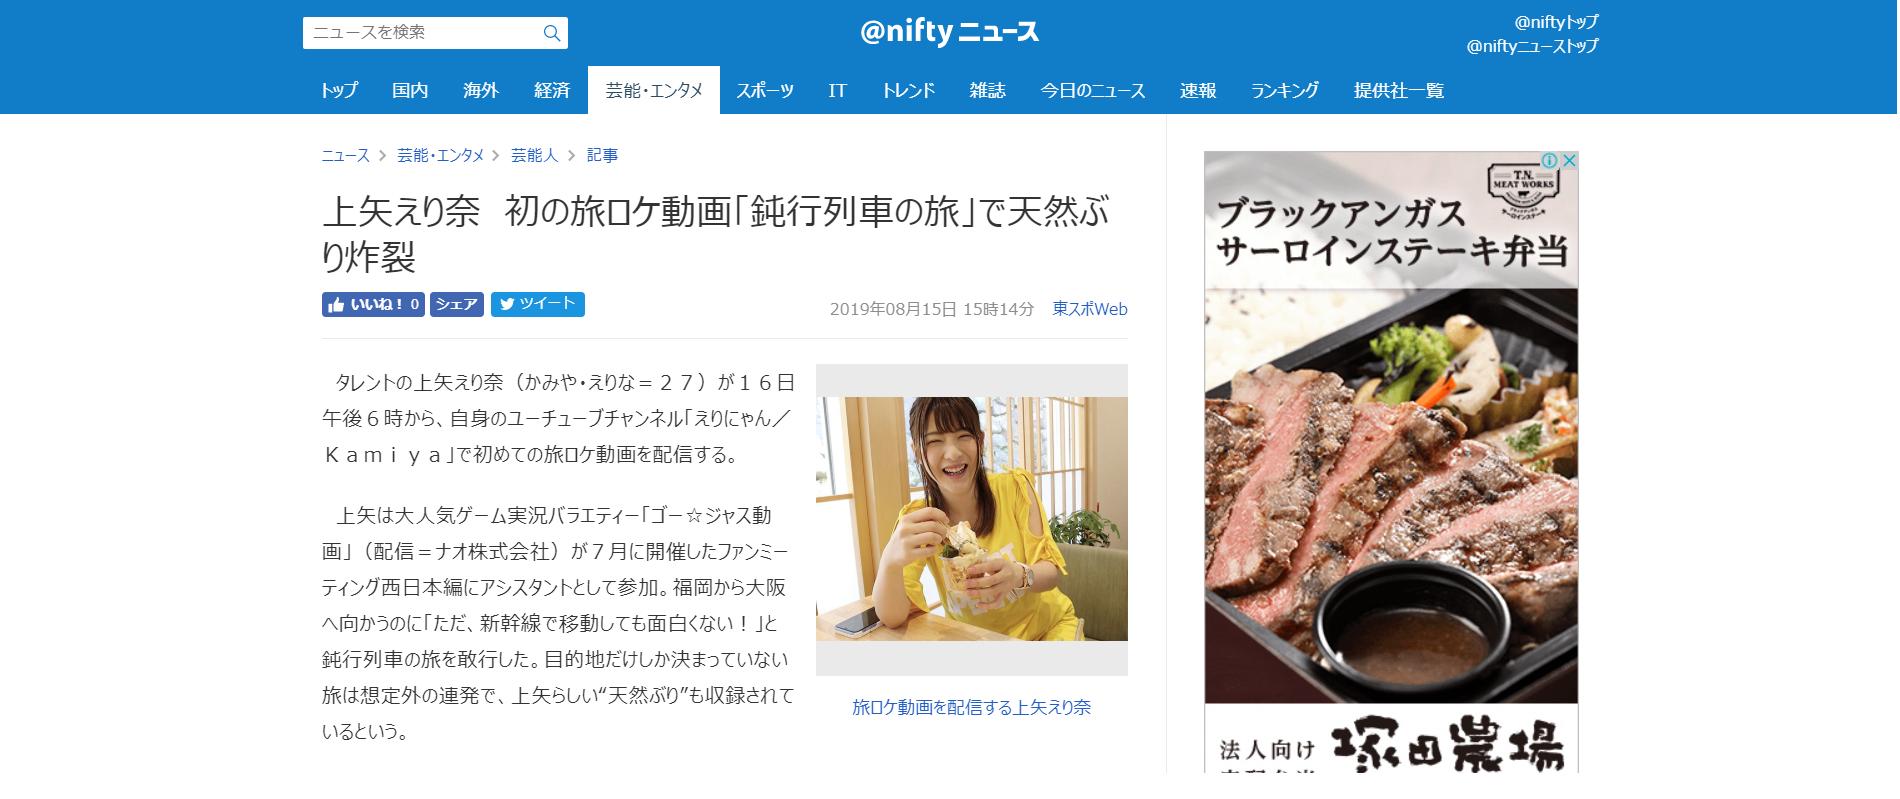 niftyニュース